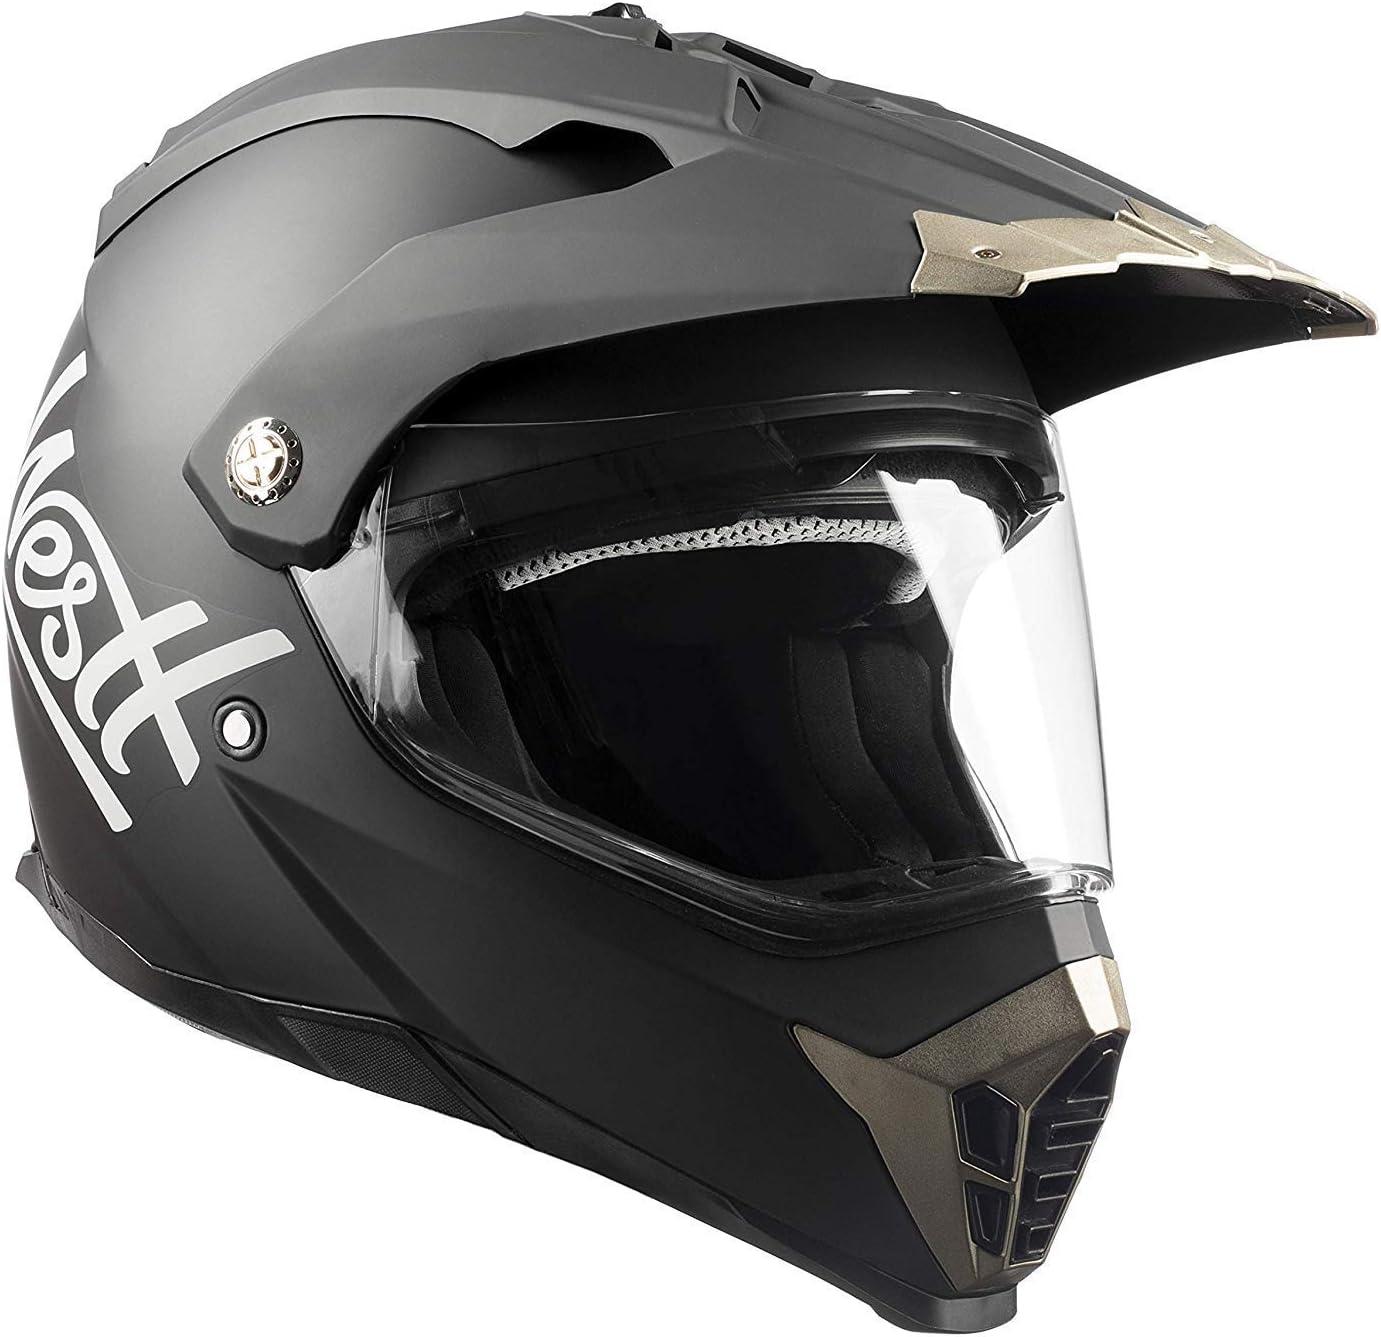 Westt Cross Motocross Integralhelm Doppelvisier Matt Schwarz Motorradhelm Roller Ece Zertifiziert Sport Freizeit